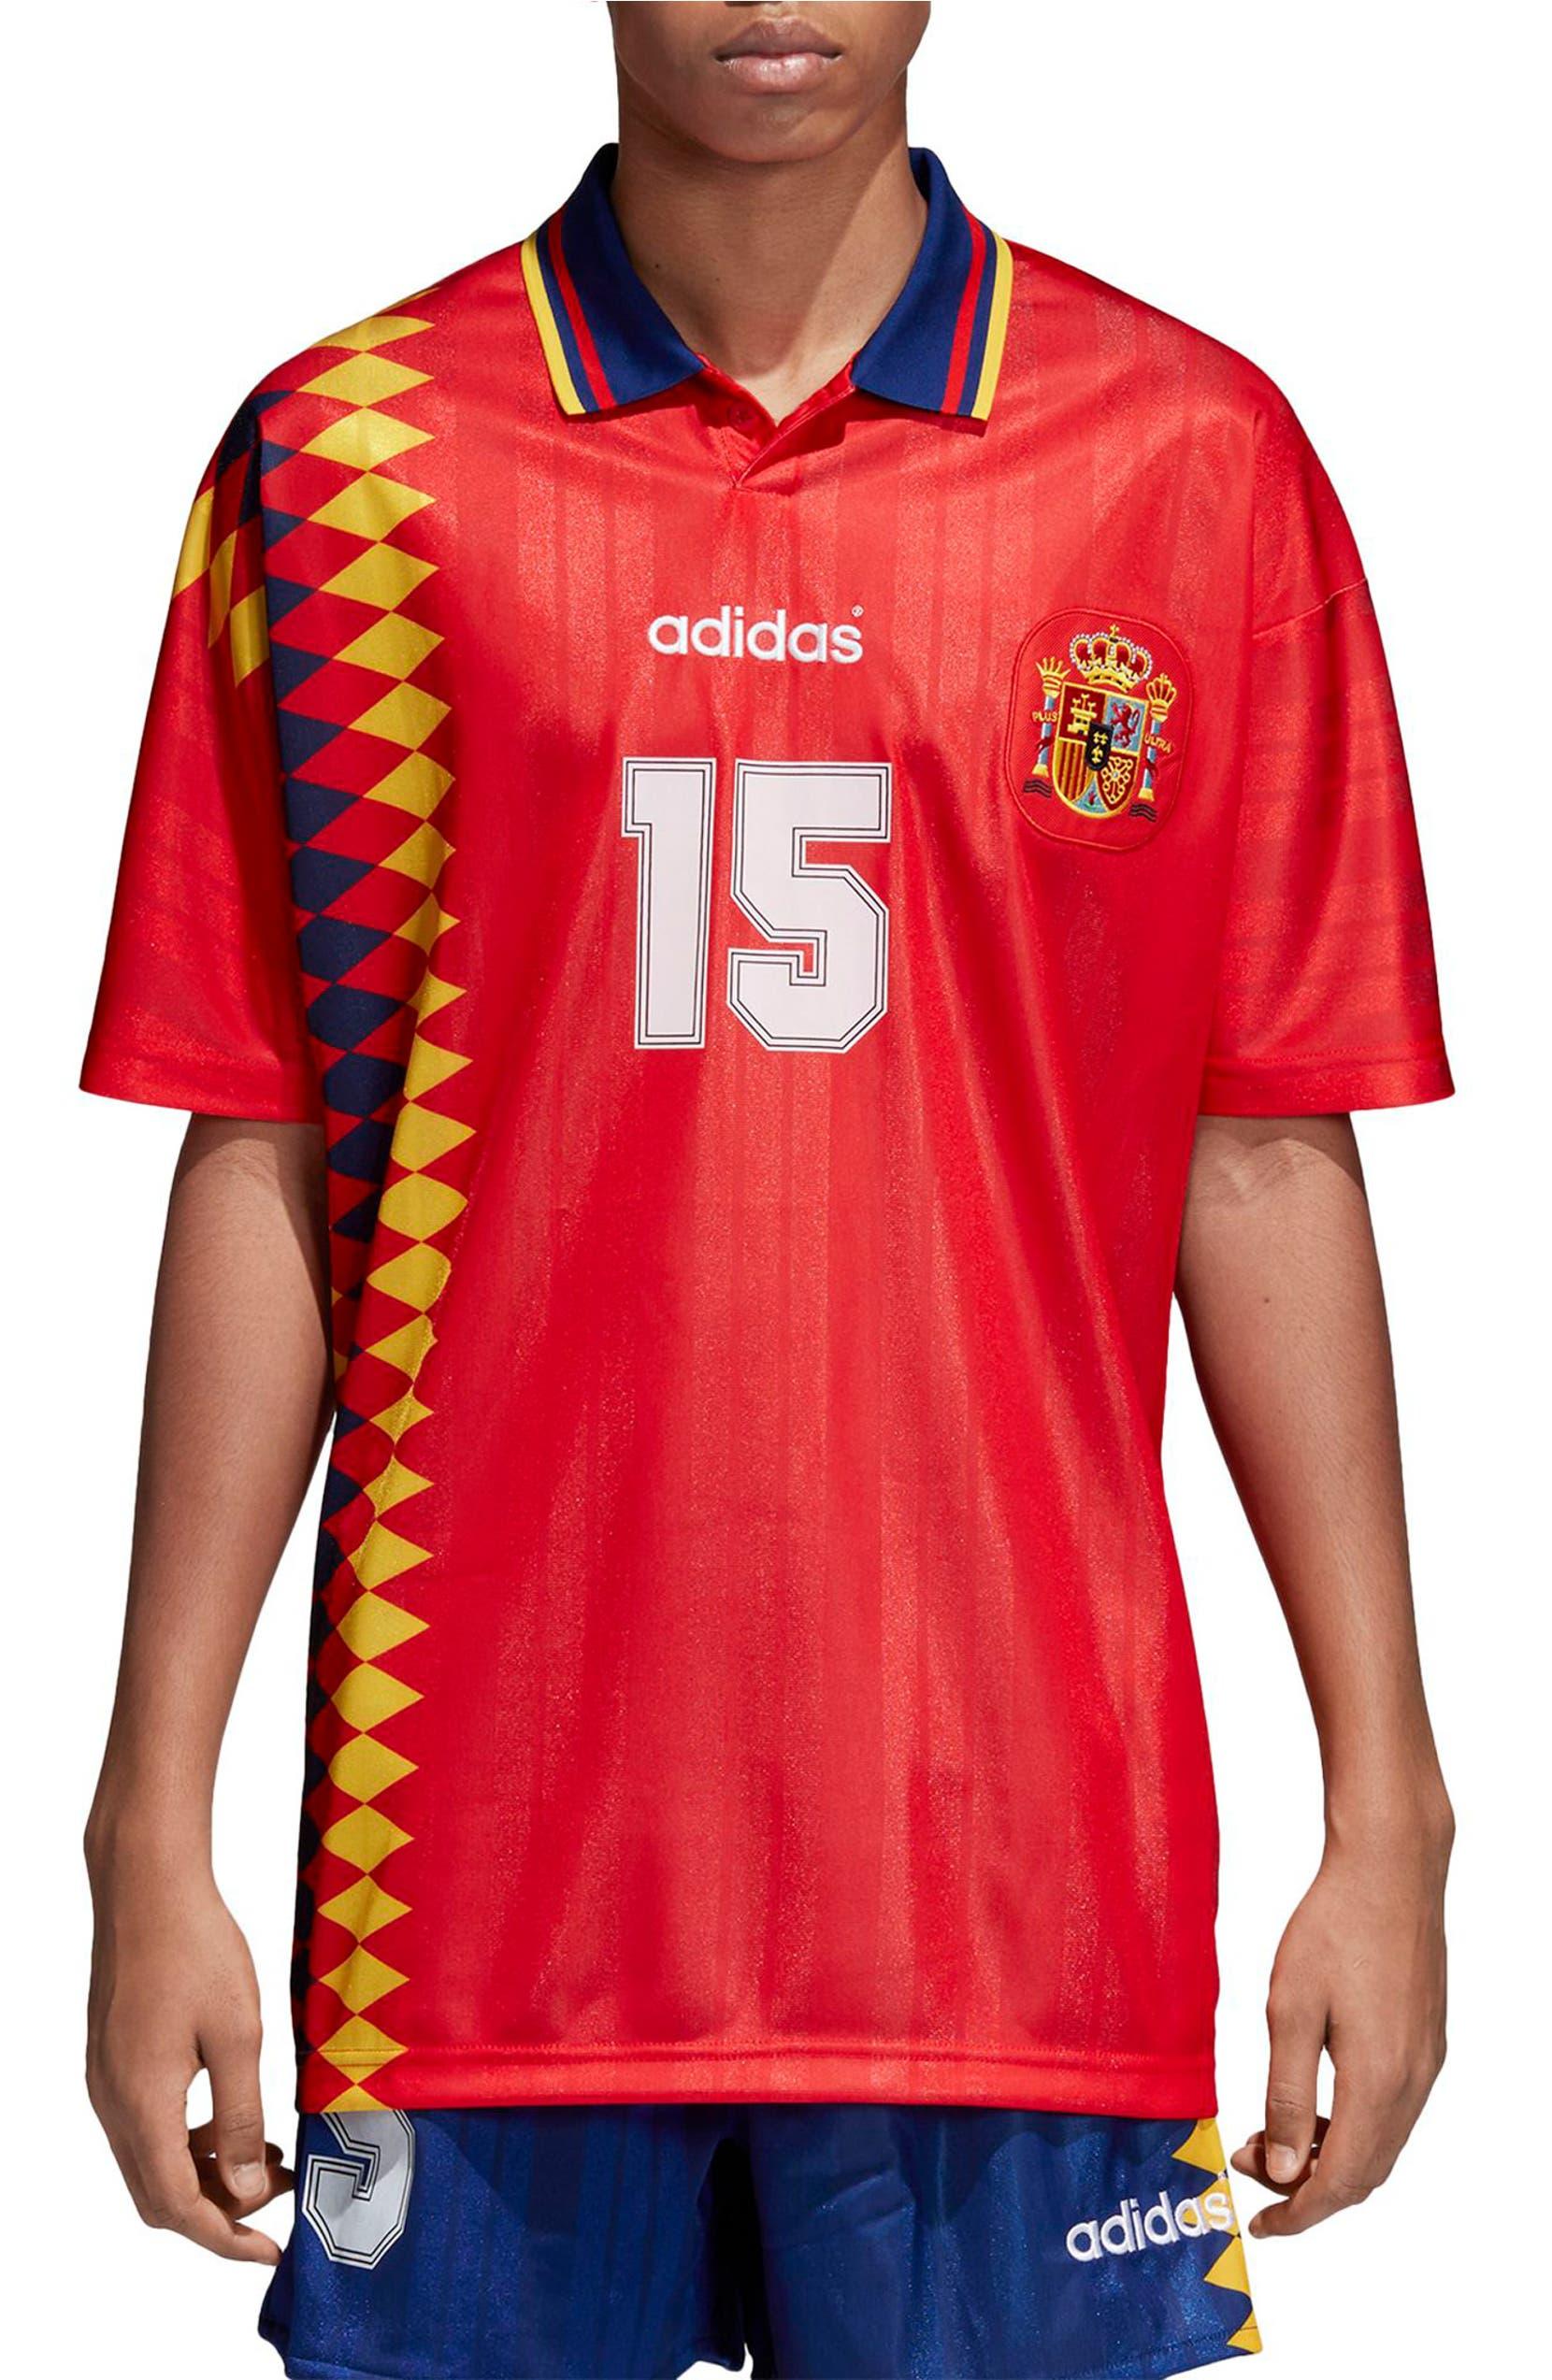 5536898c643 adidas Original Spain 1994 Soccer Jersey | Nordstrom